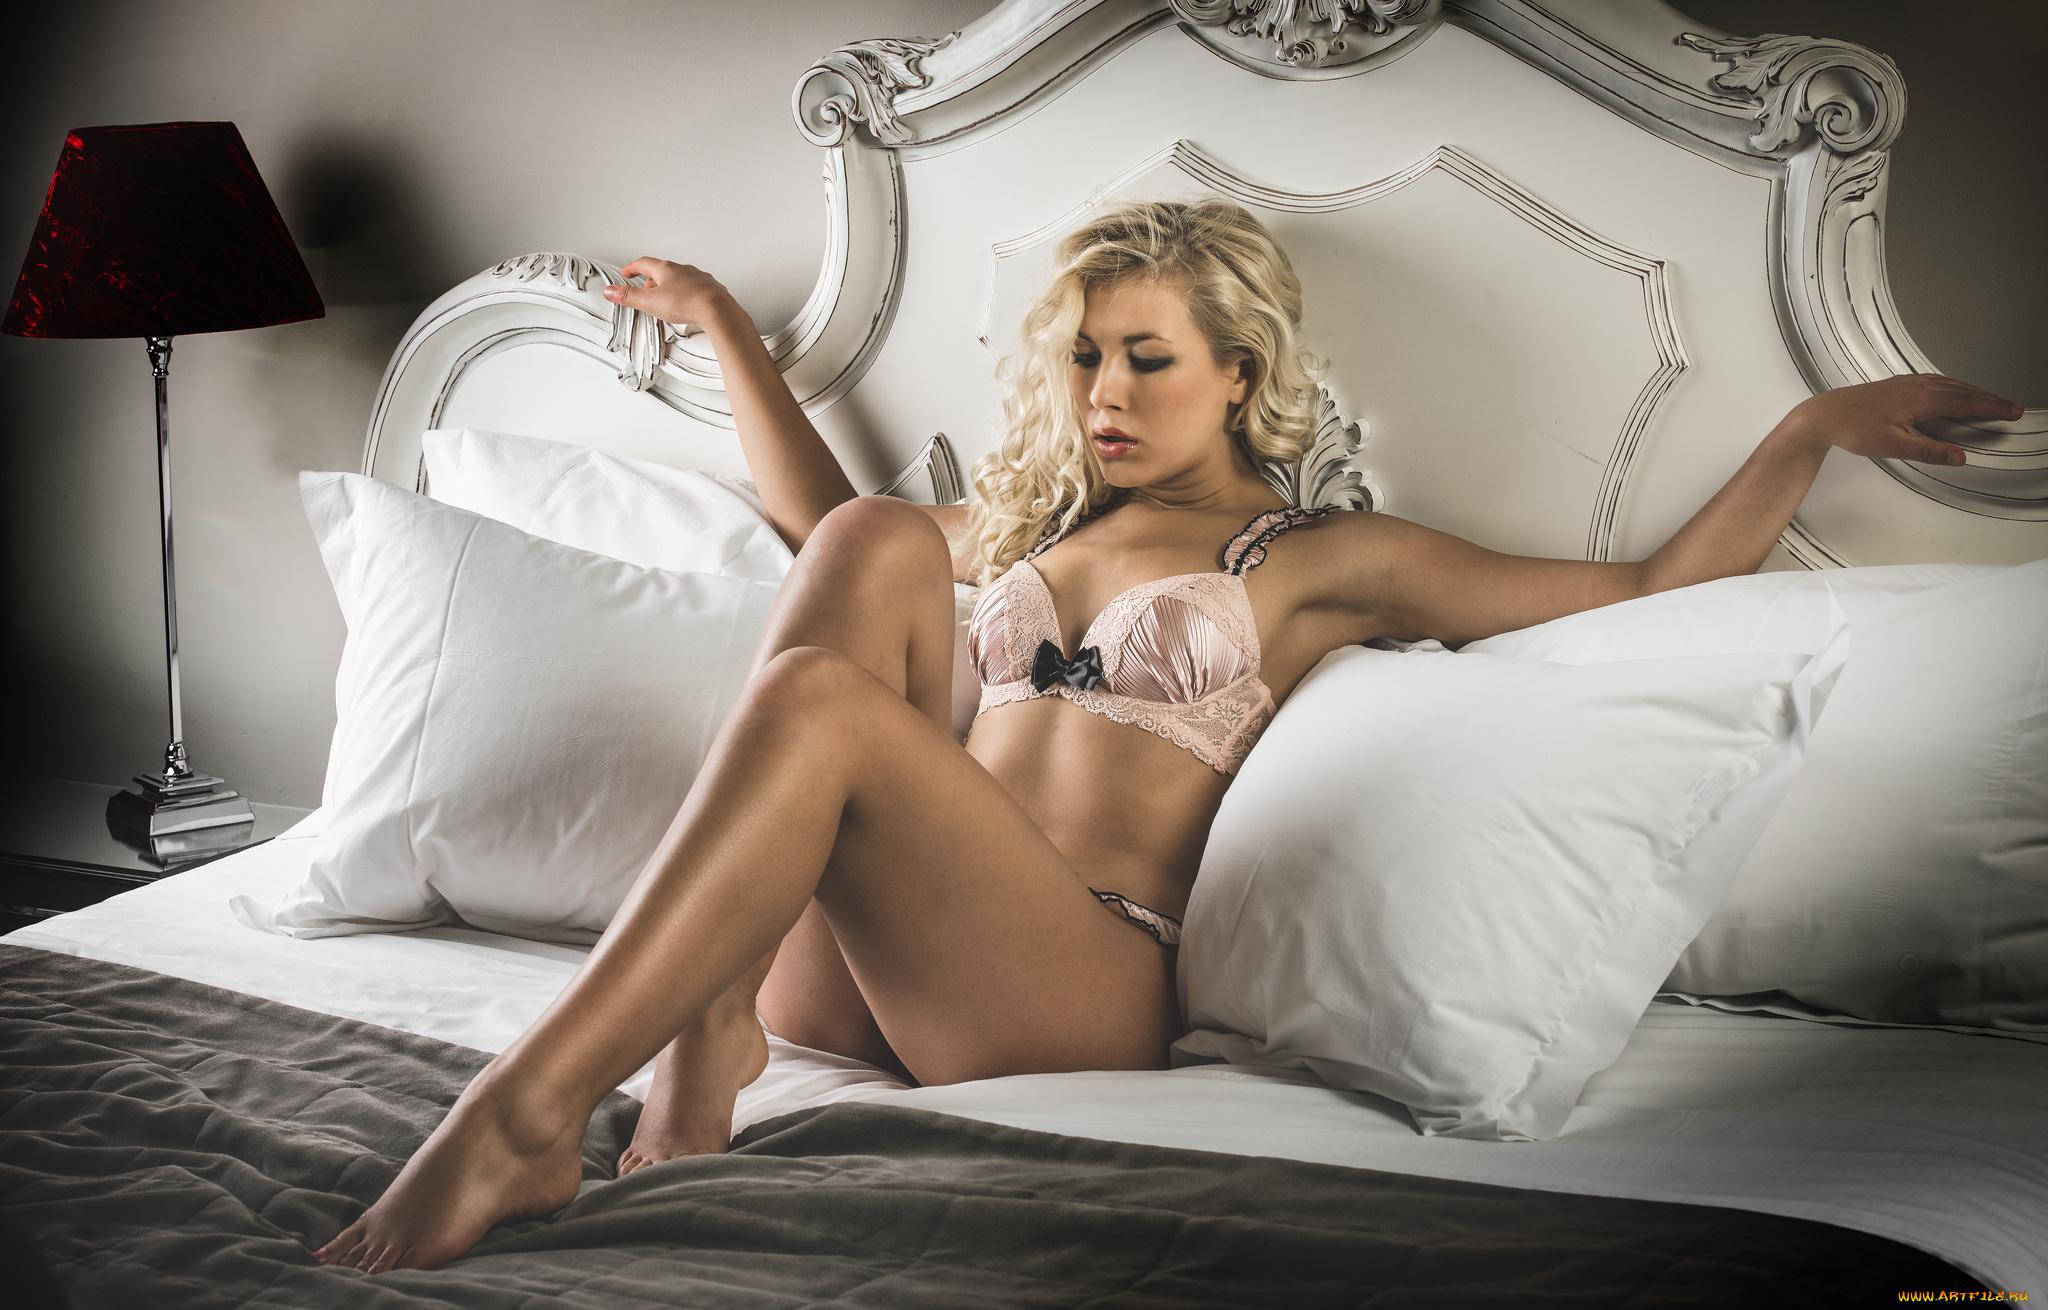 Фото полных в постели, Голые полненькие на фото и обнаженные полные 8 фотография